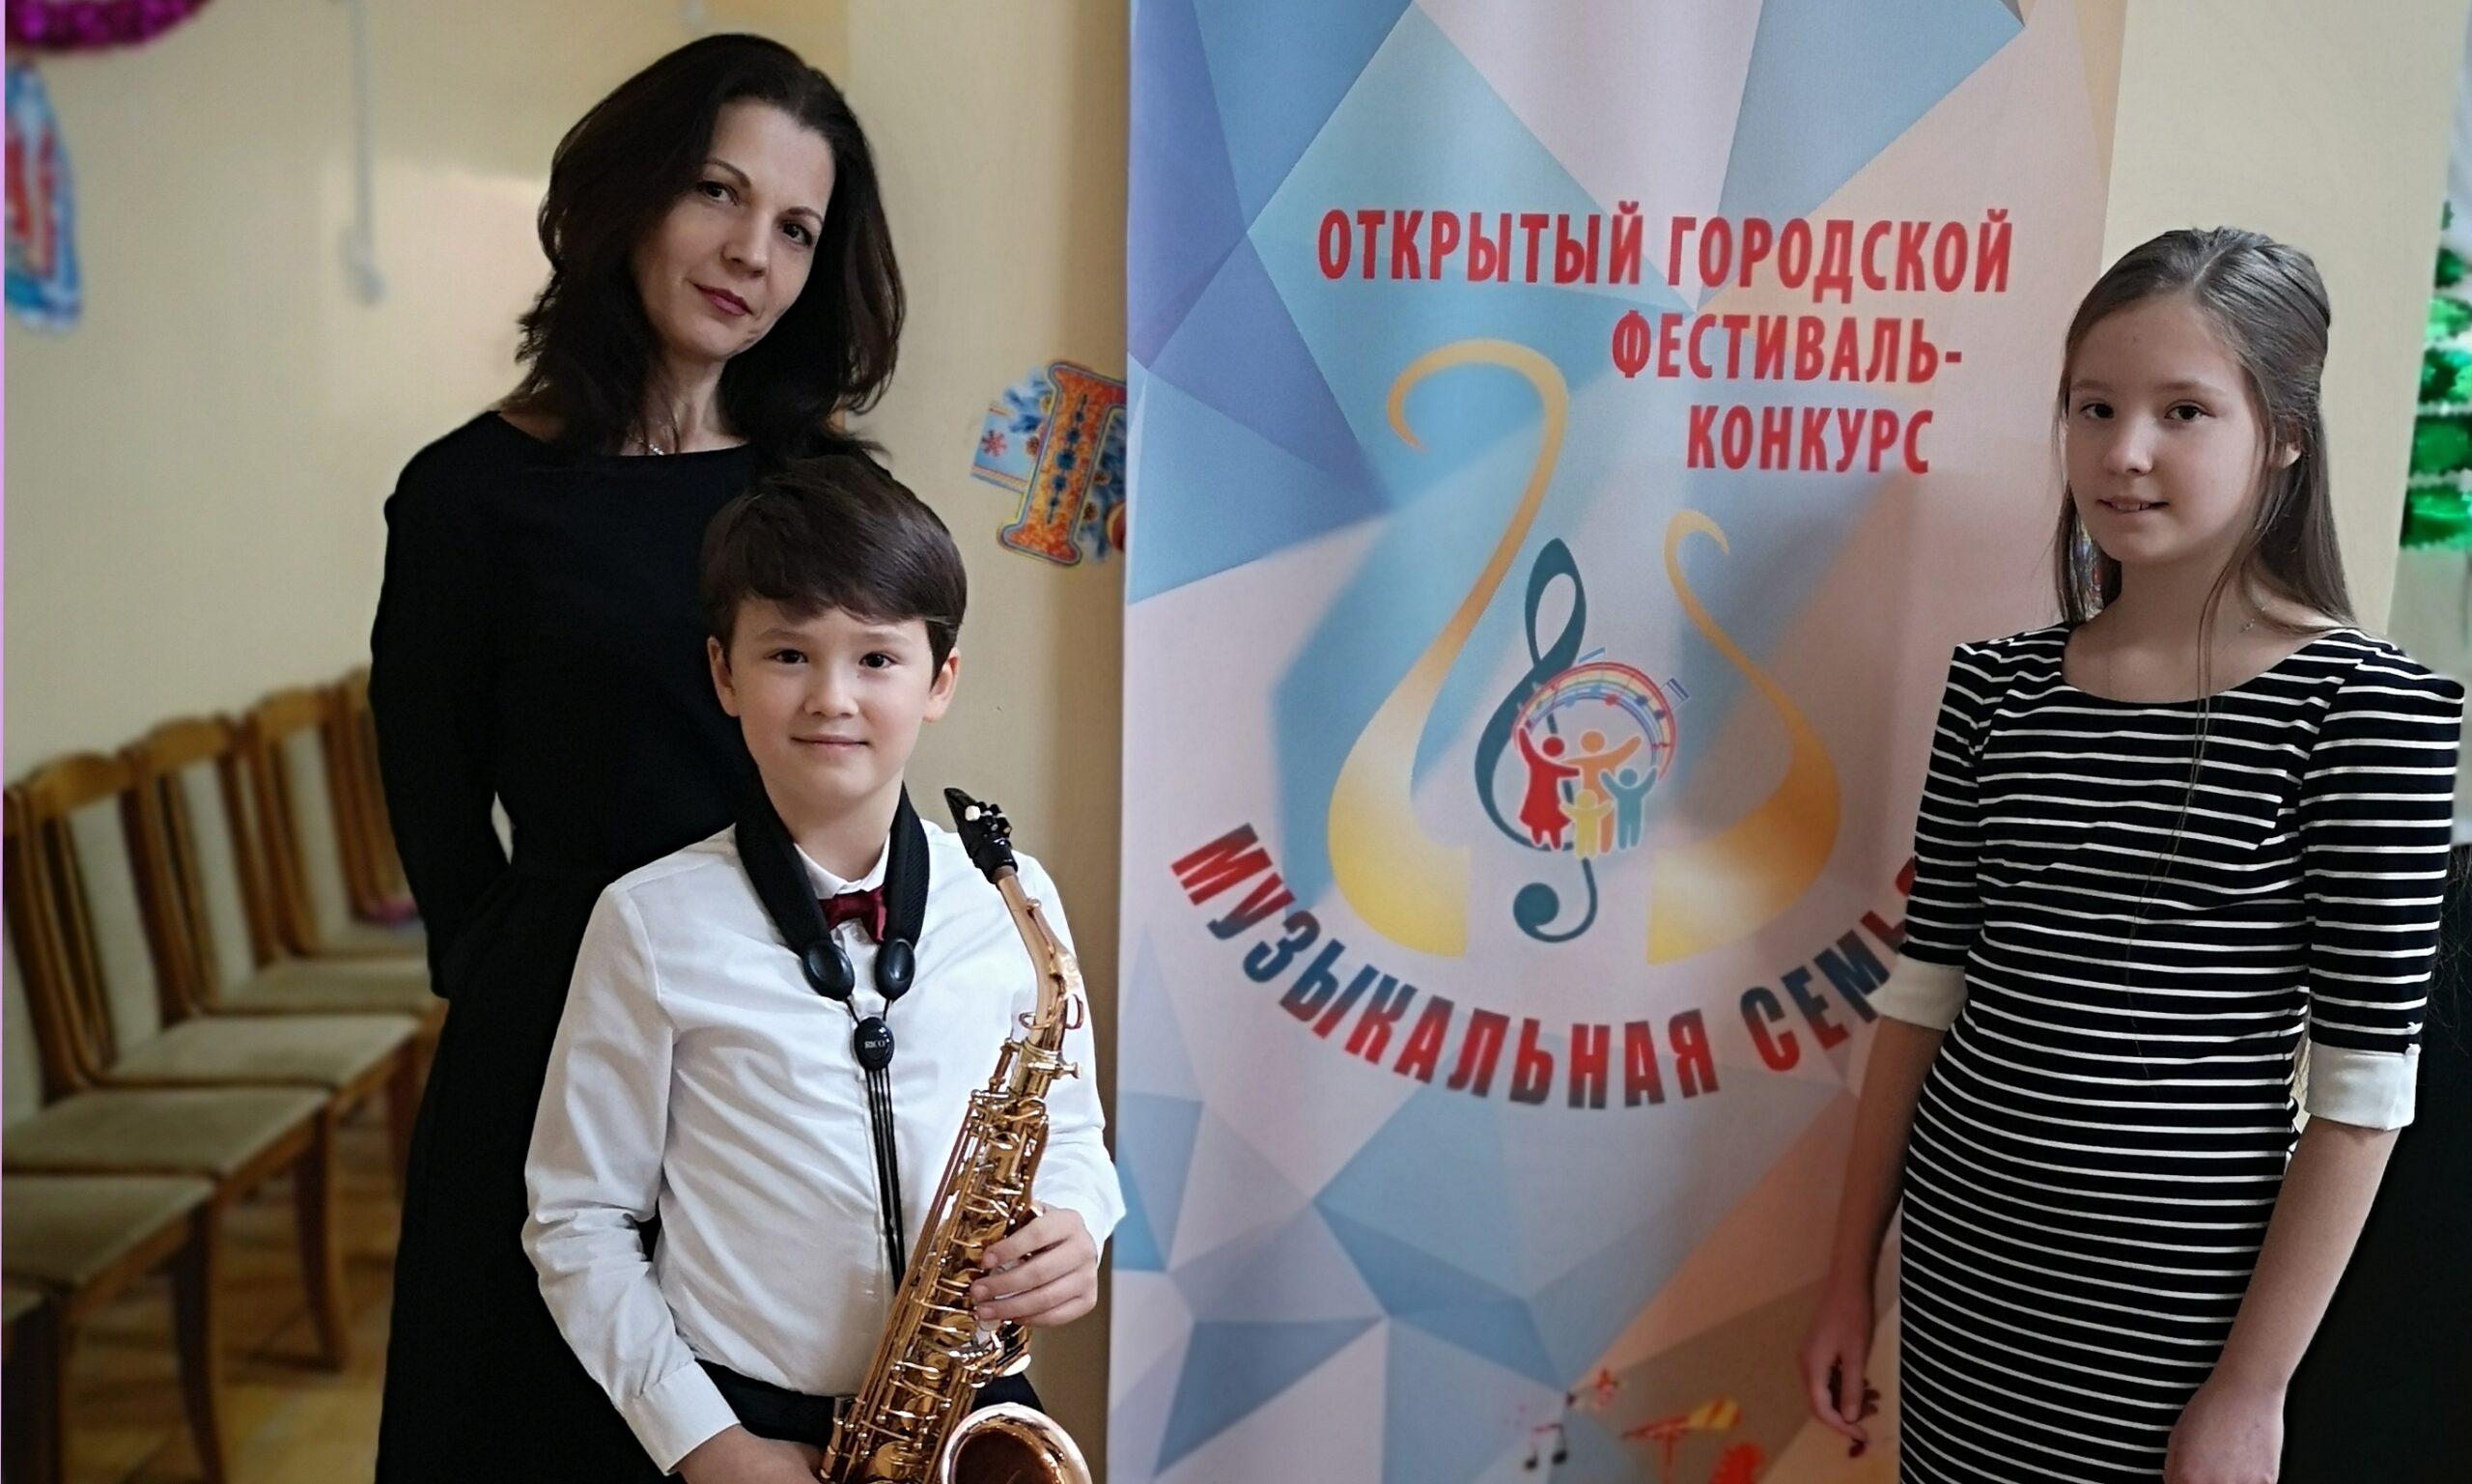 Фестиваль Музыкальная семья